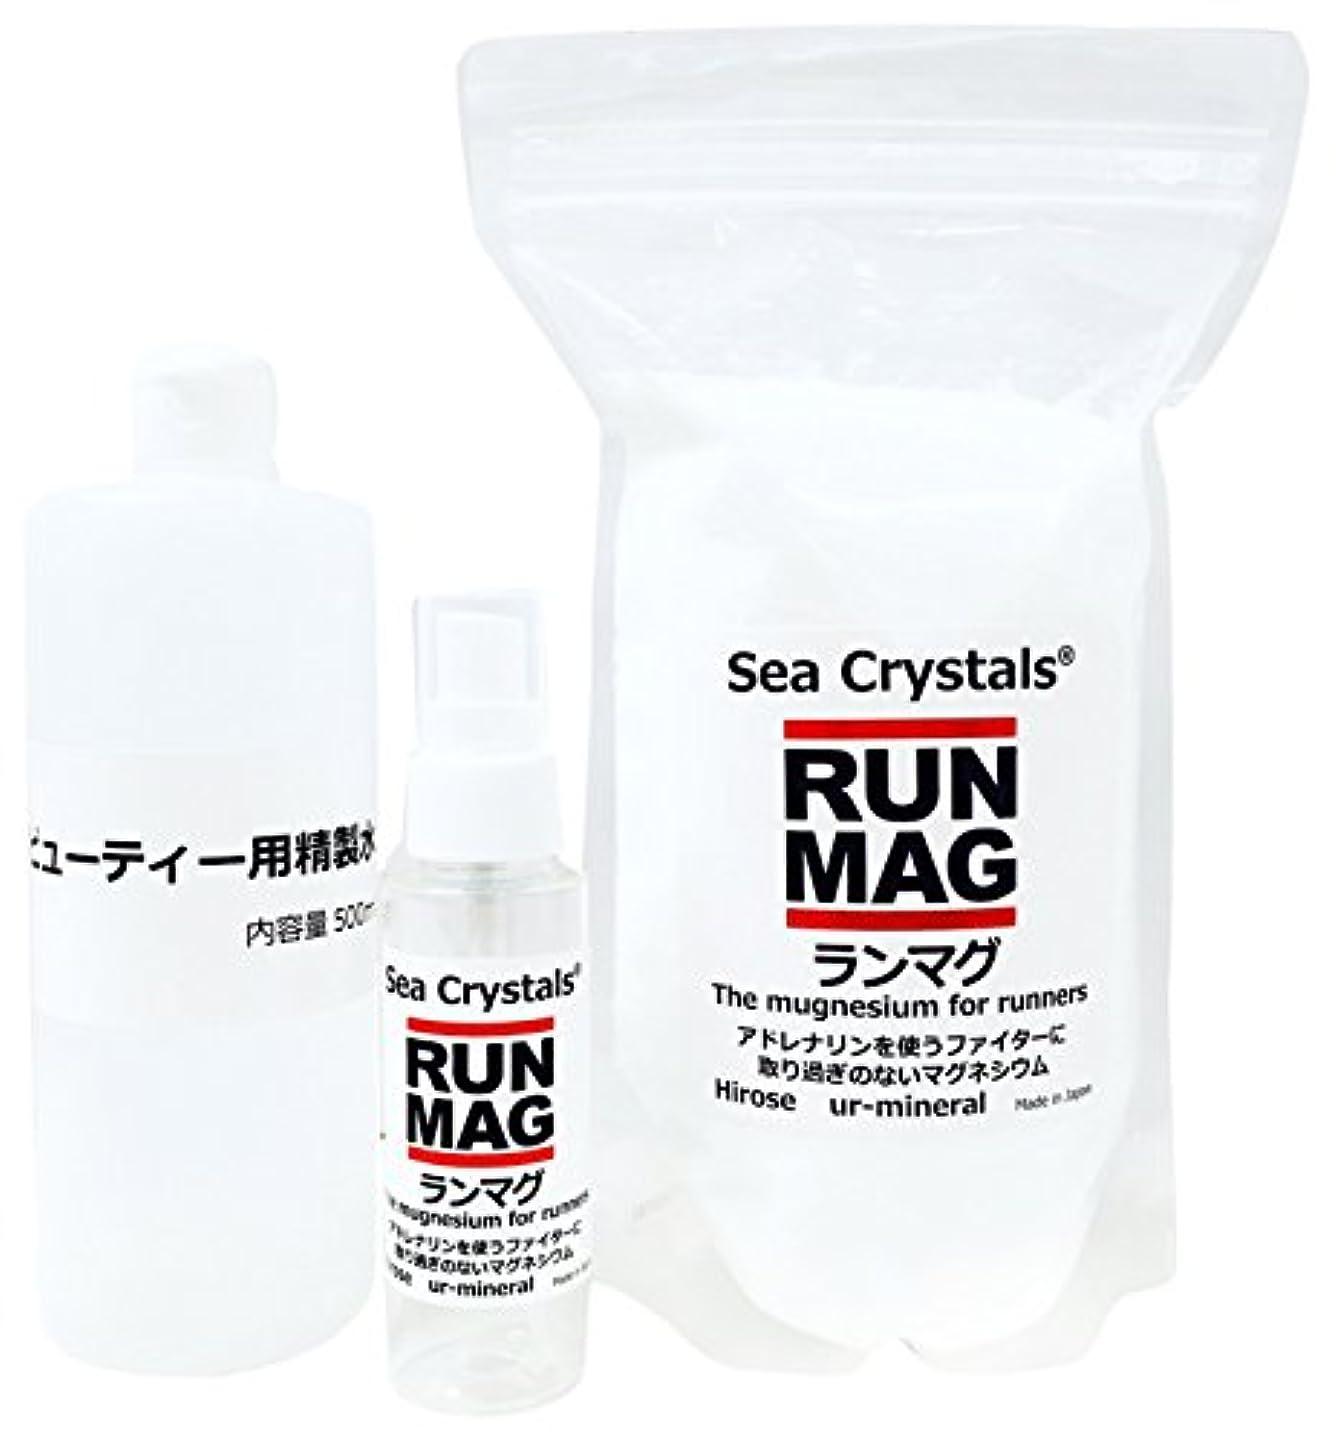 離す内陸死ぬランマグ?マグネシウムオイル 500g 化粧品登録 日本製 1日マグネシウム360mg使用  精製水付き